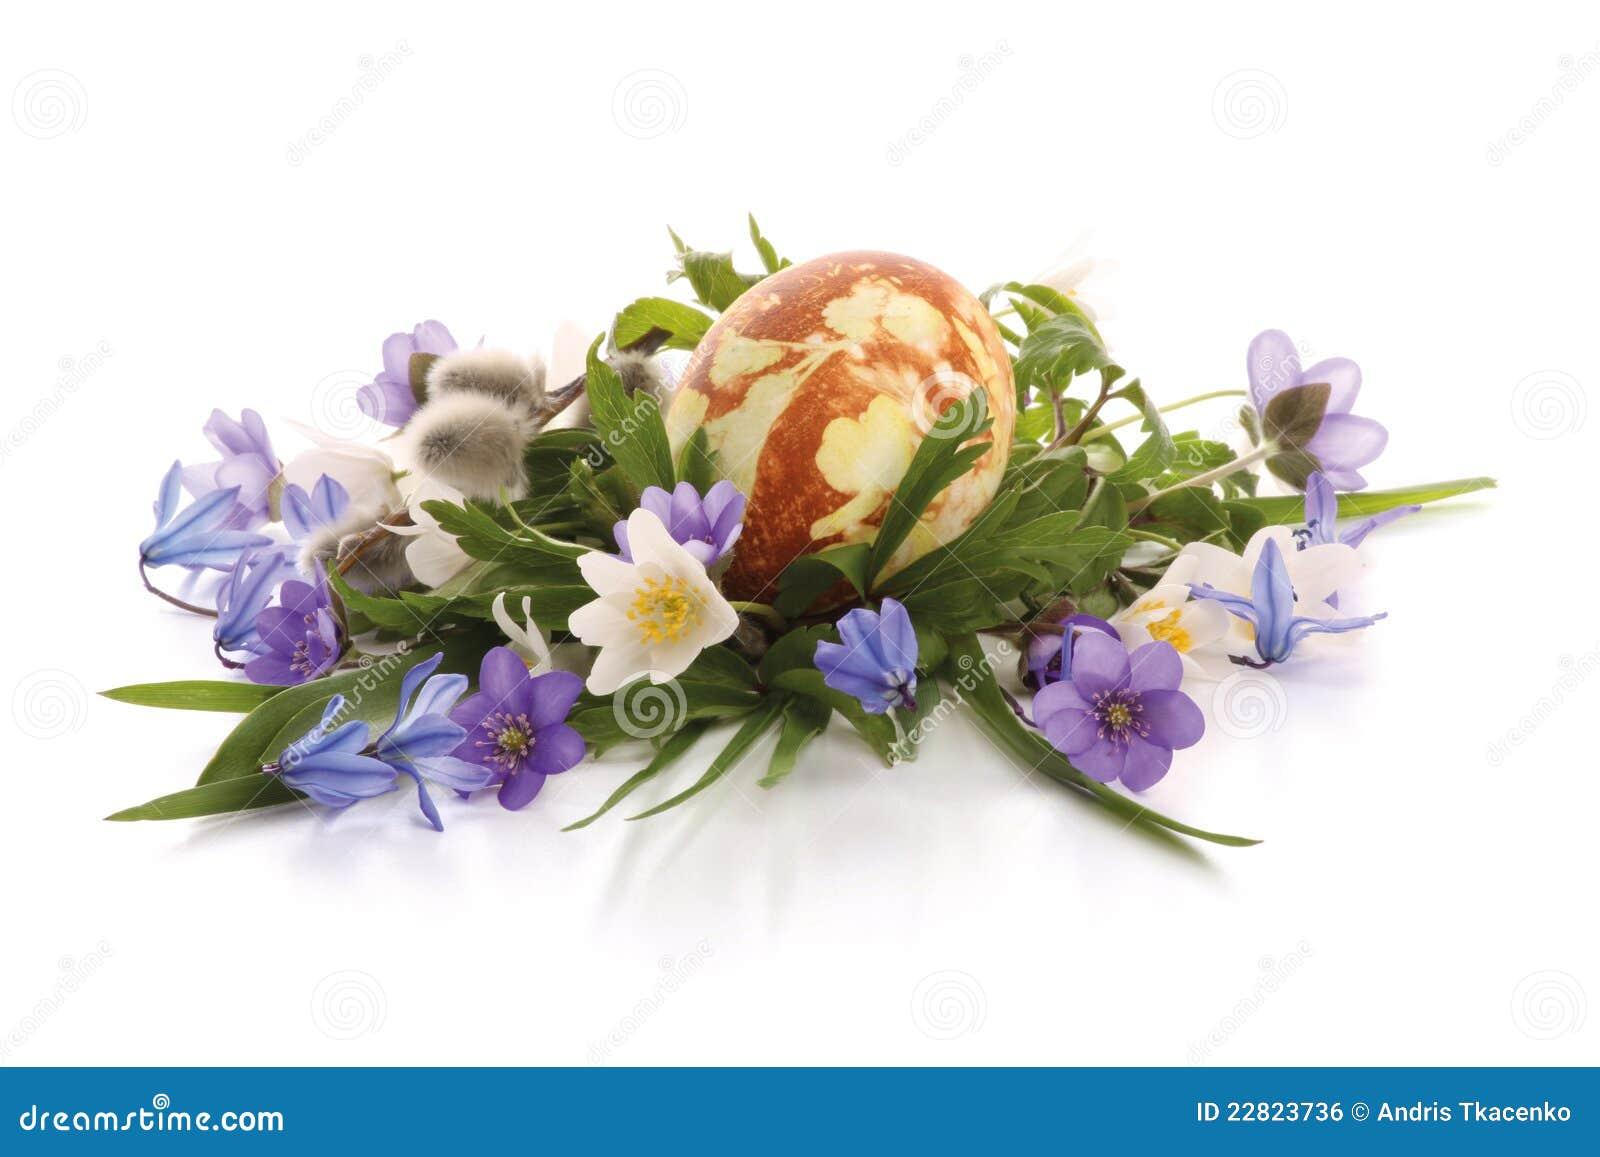 flores-pintadas-del-huevo-y-del-resorte-de-pascua-22823736.jpg